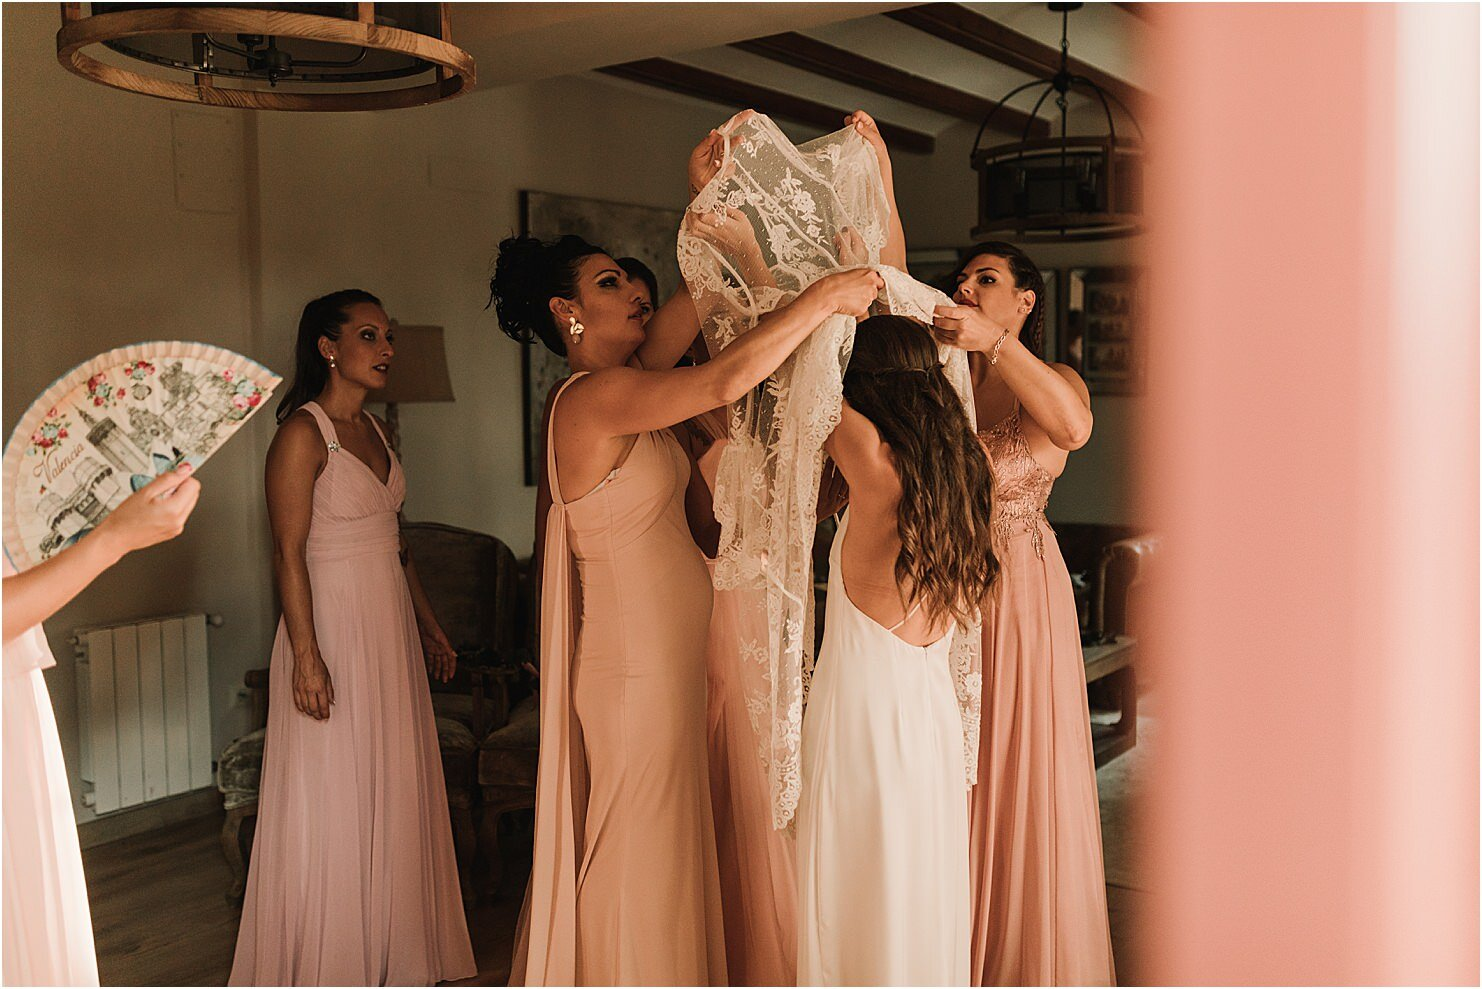 boda-boho-vestido-de-novia-boho-36.jpg